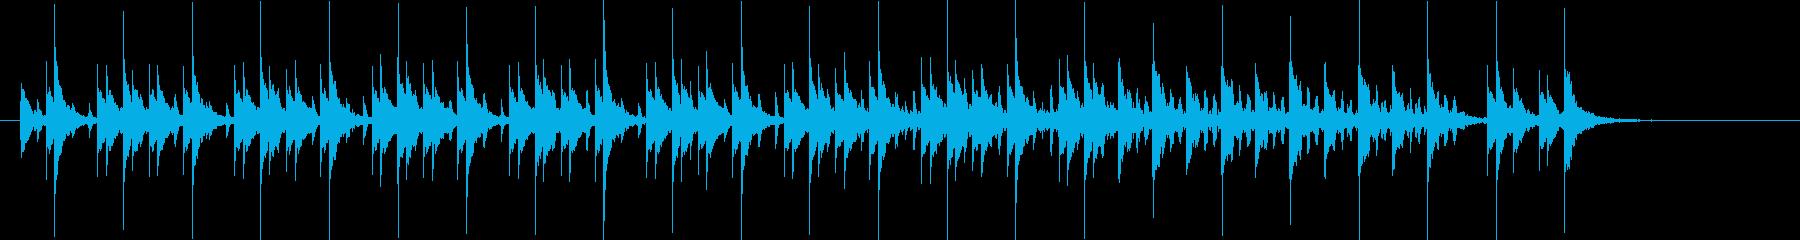 機械的で現代的なポップスの再生済みの波形